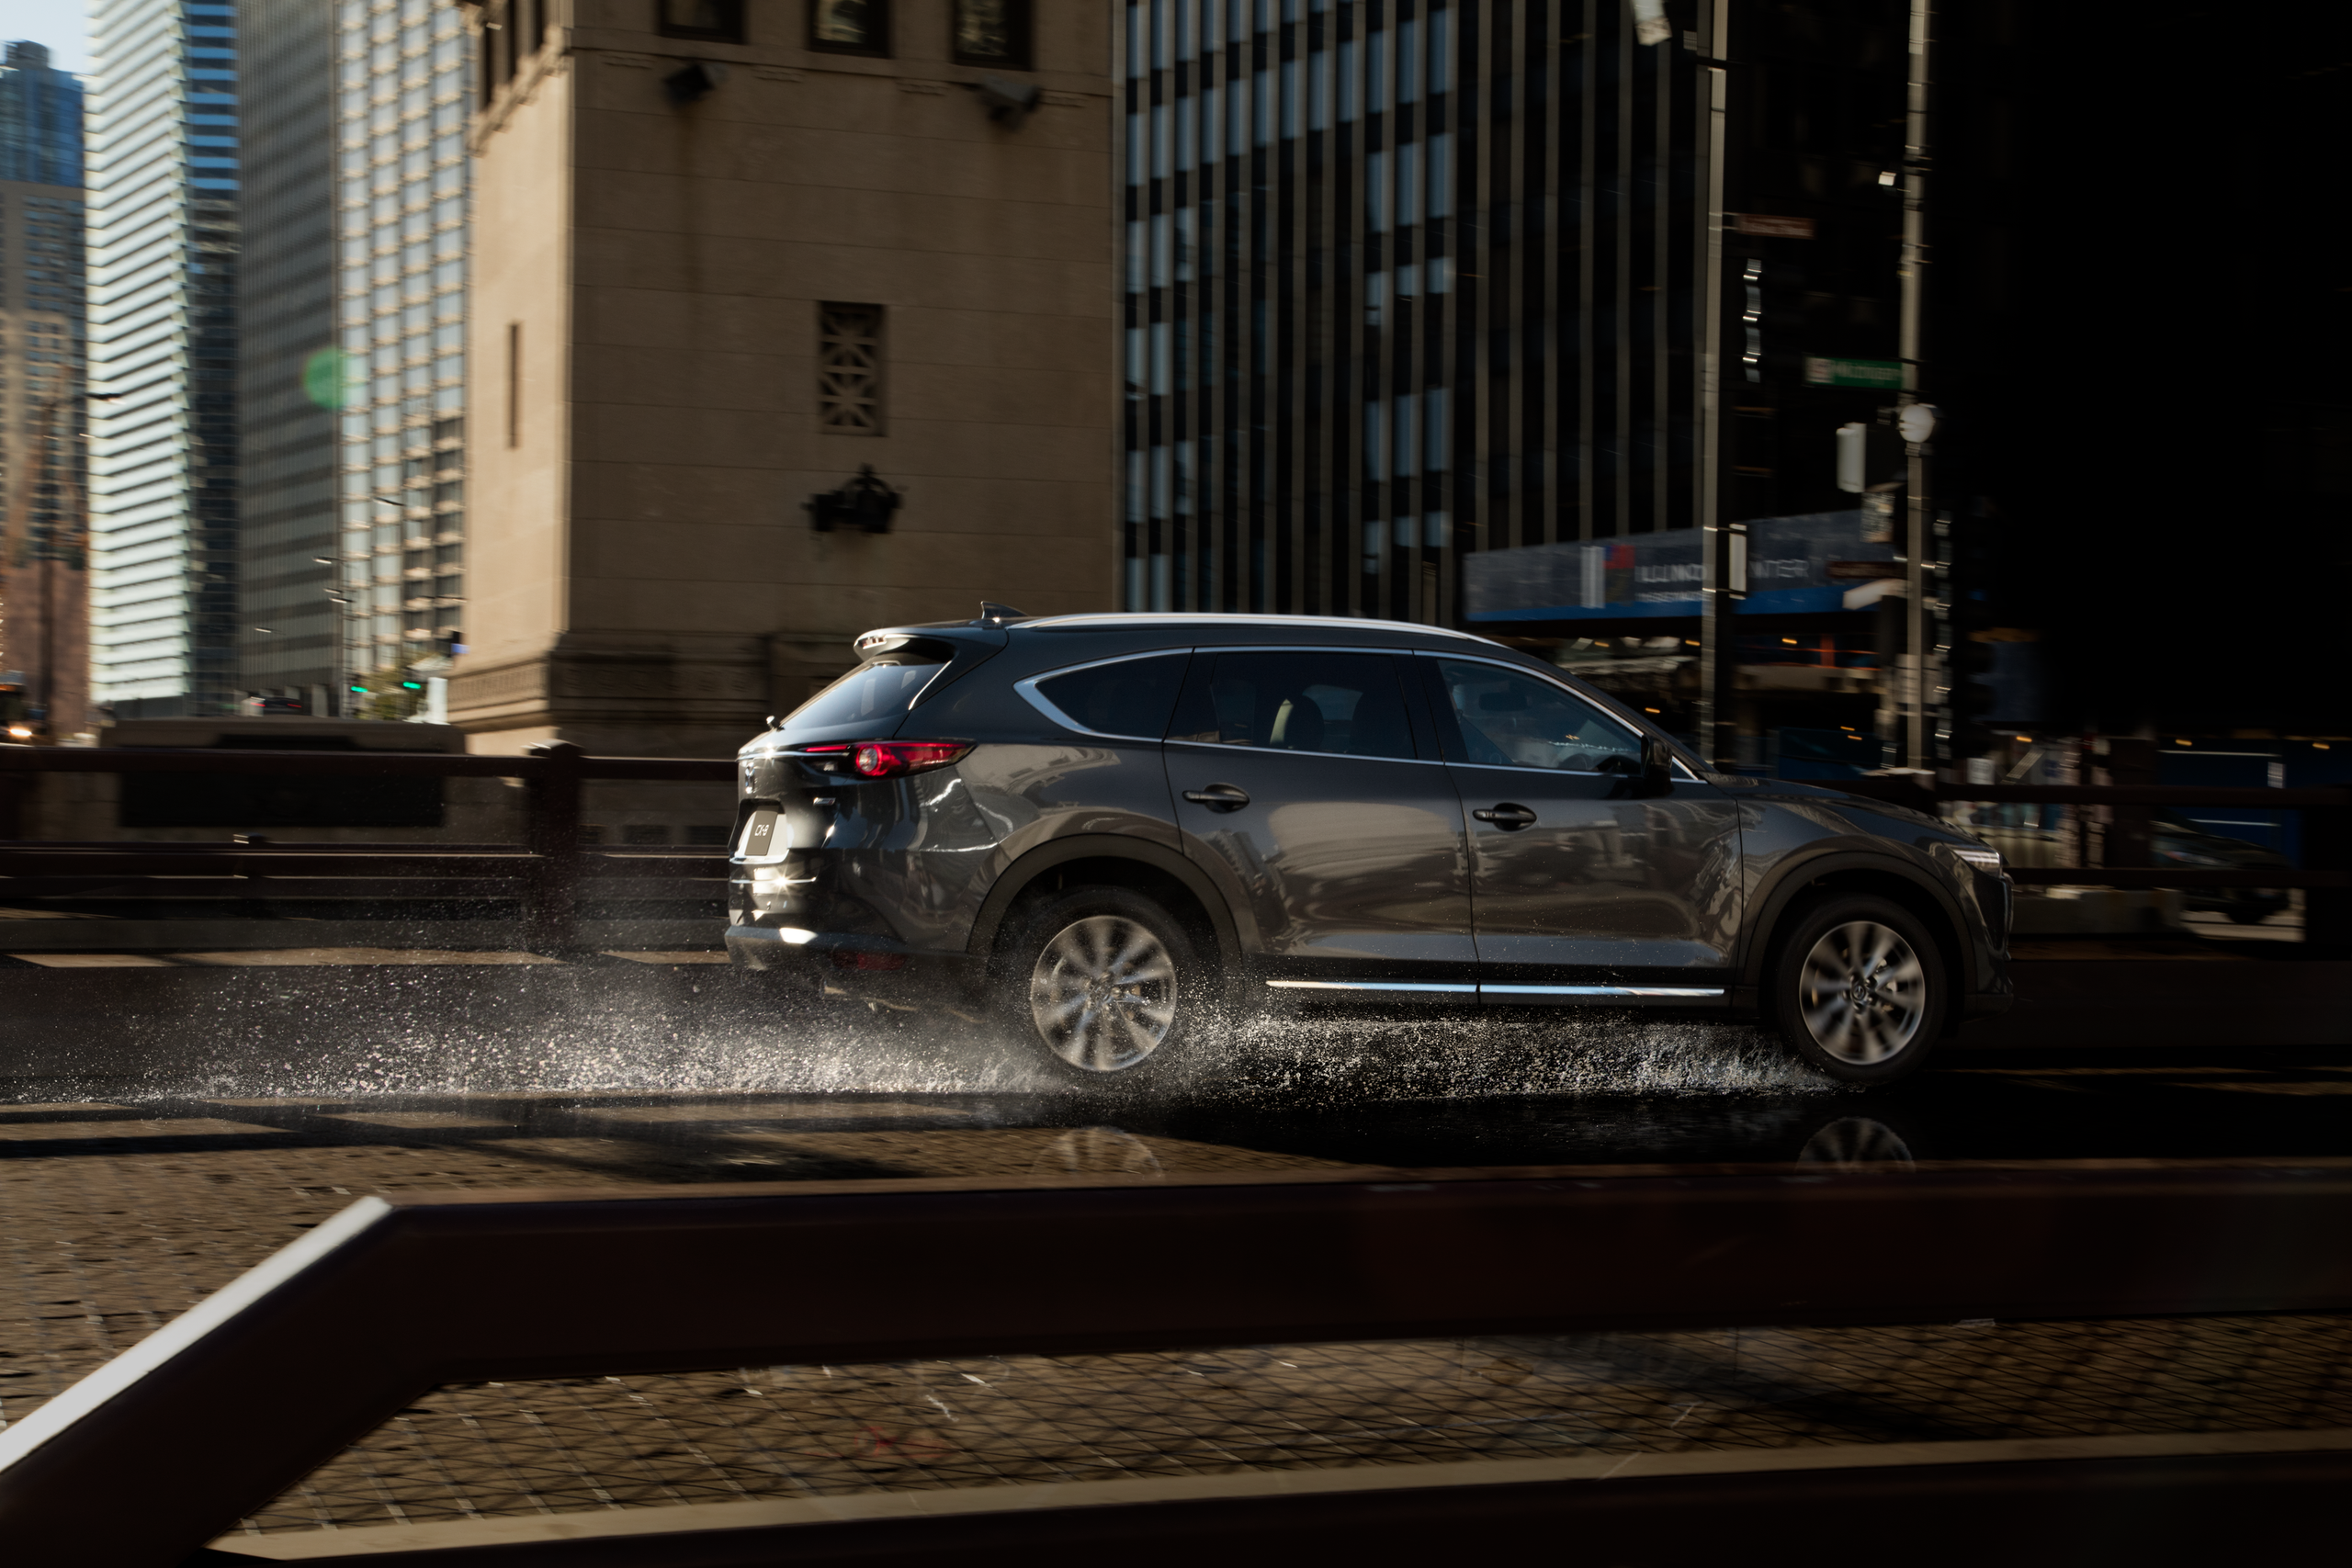 Thiết kế và trang bị, yếu tố hút khách hàng của Mazda CX-8 - Ảnh 2.